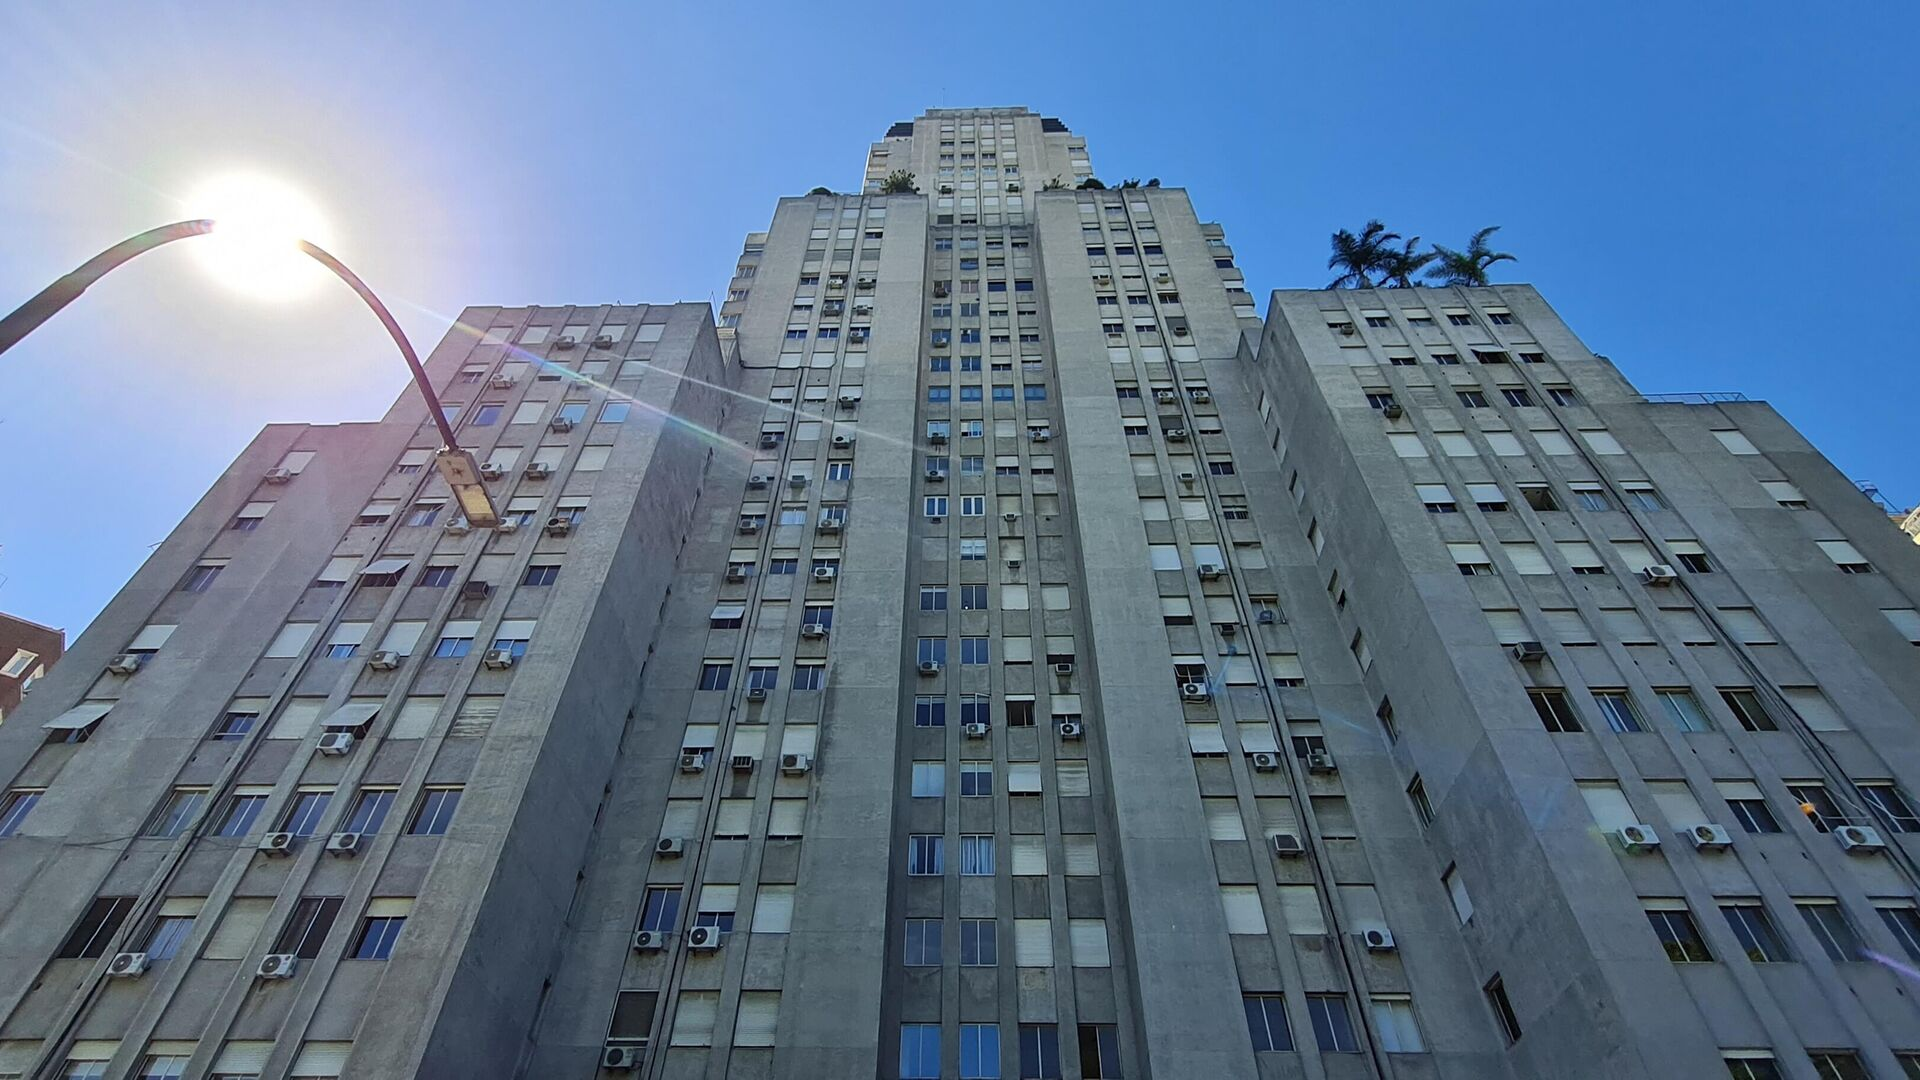 Solo 20% de las propiedades son destinadas a viviendas, mientras que 60% son oficinas - Sputnik Mundo, 1920, 16.07.2021